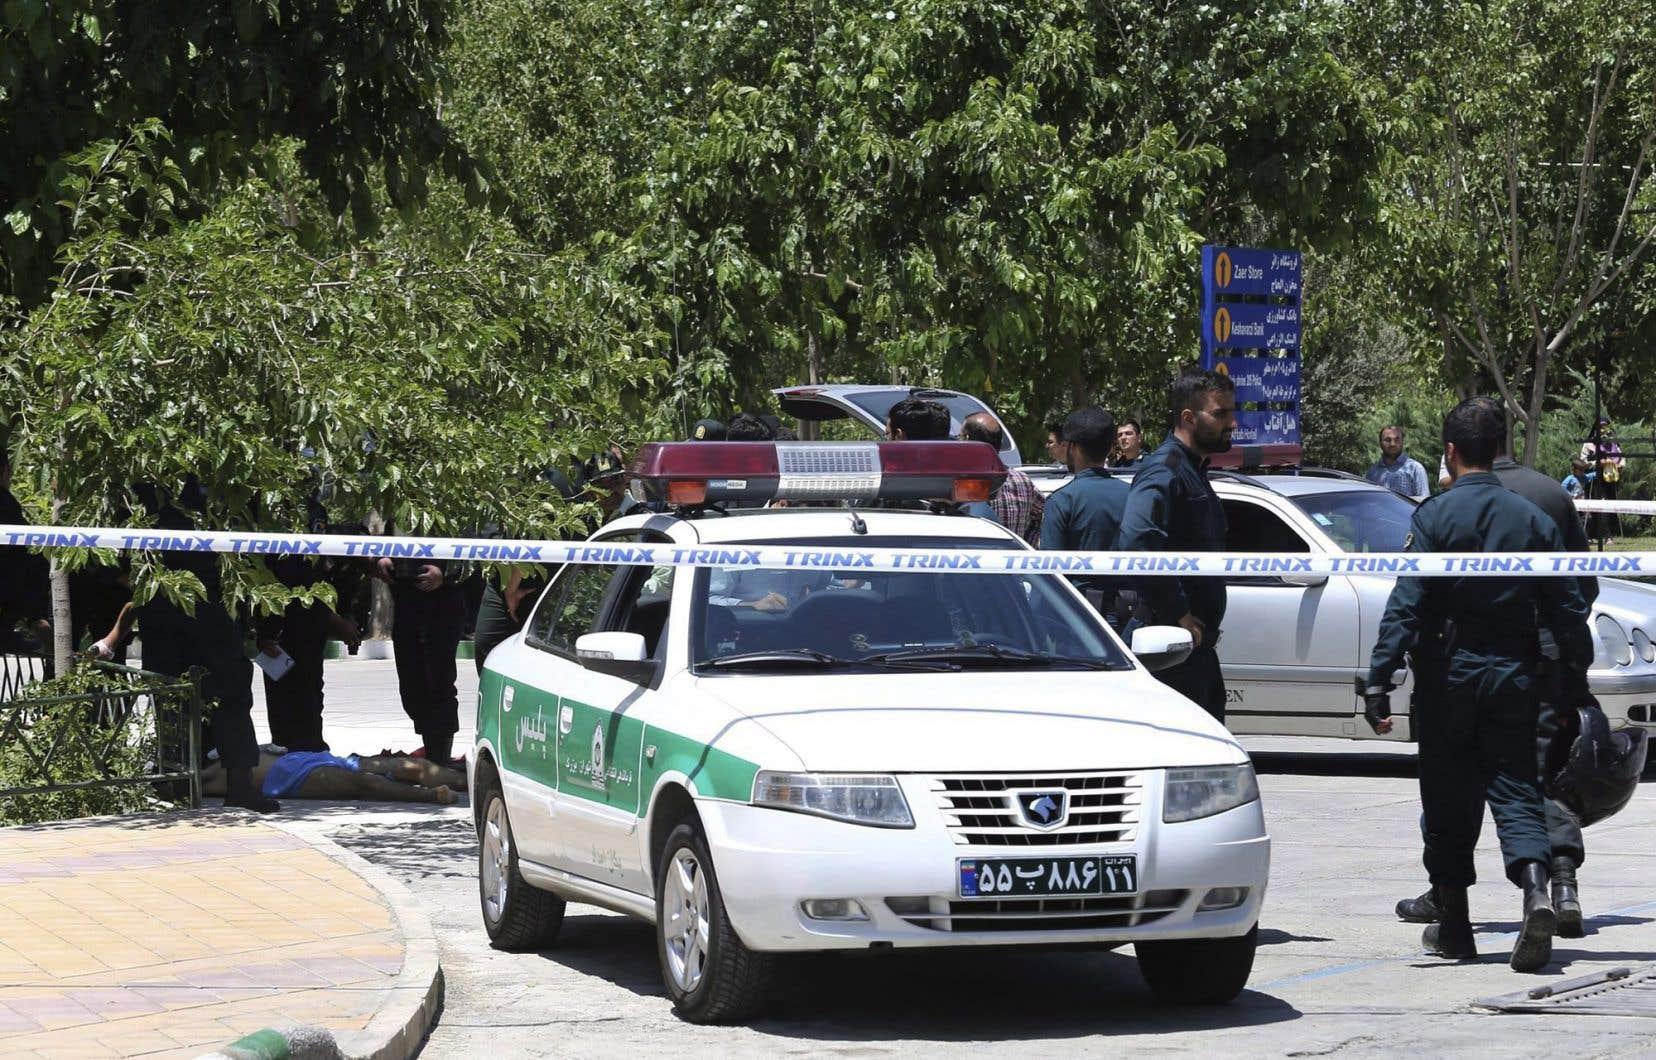 Des agents examinent des indices à Téhéran à la suite d'une attaque perpétrée à proximité du parlement iranien, le 7 juin 2018.